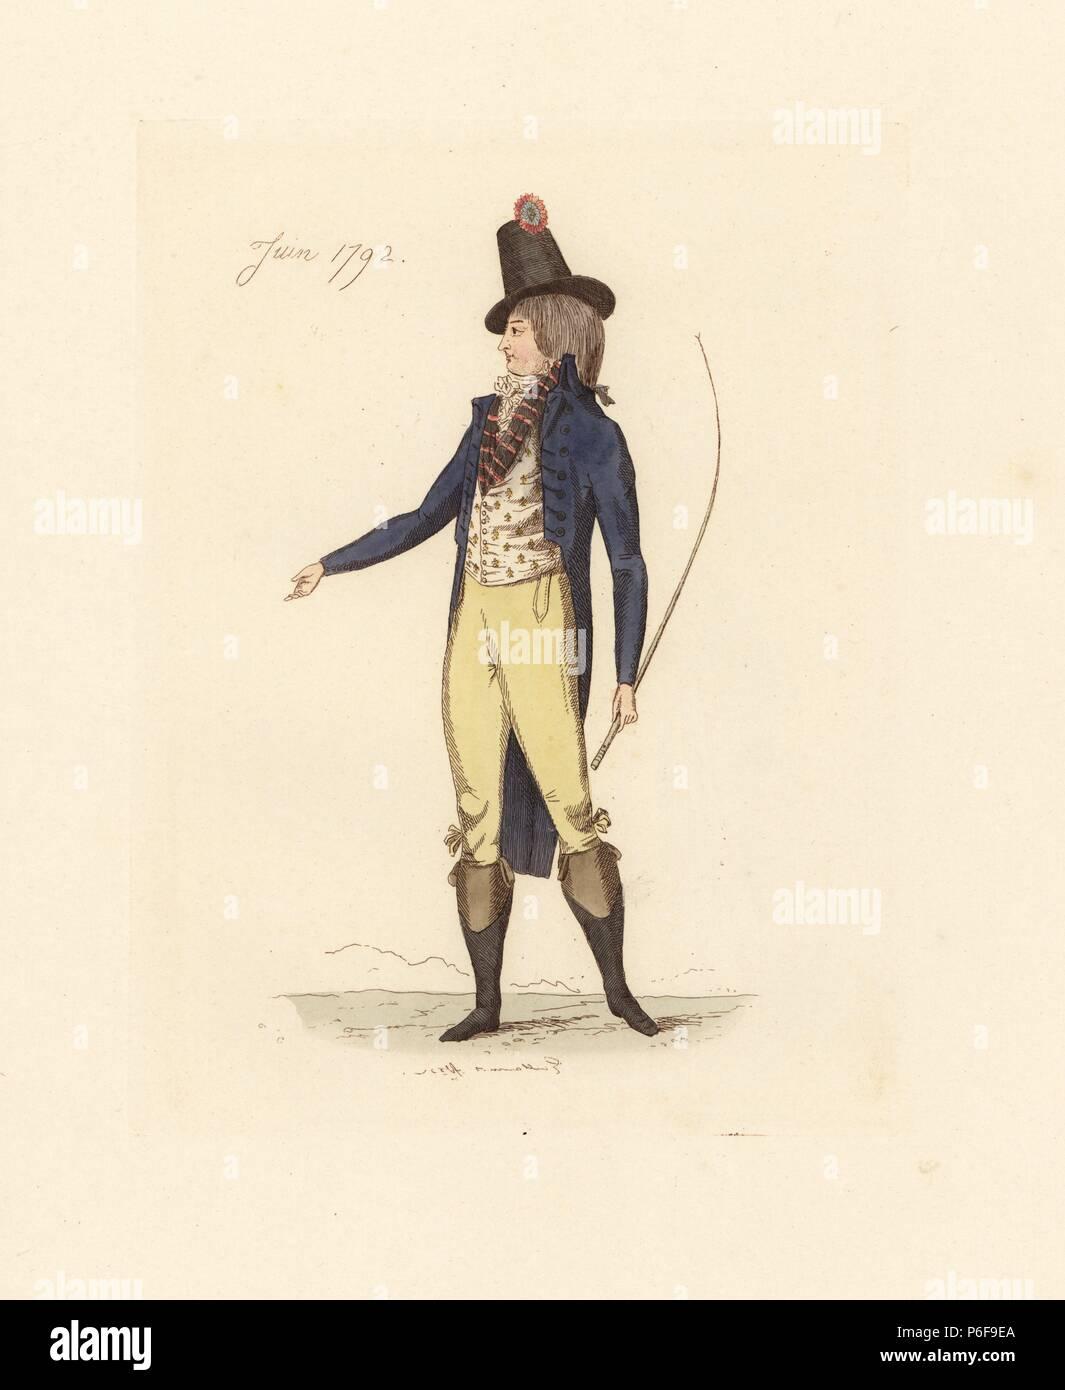 Franzosische Mann Der Mode Der Juni 1792 Er Tragt Einen Hohen Hut